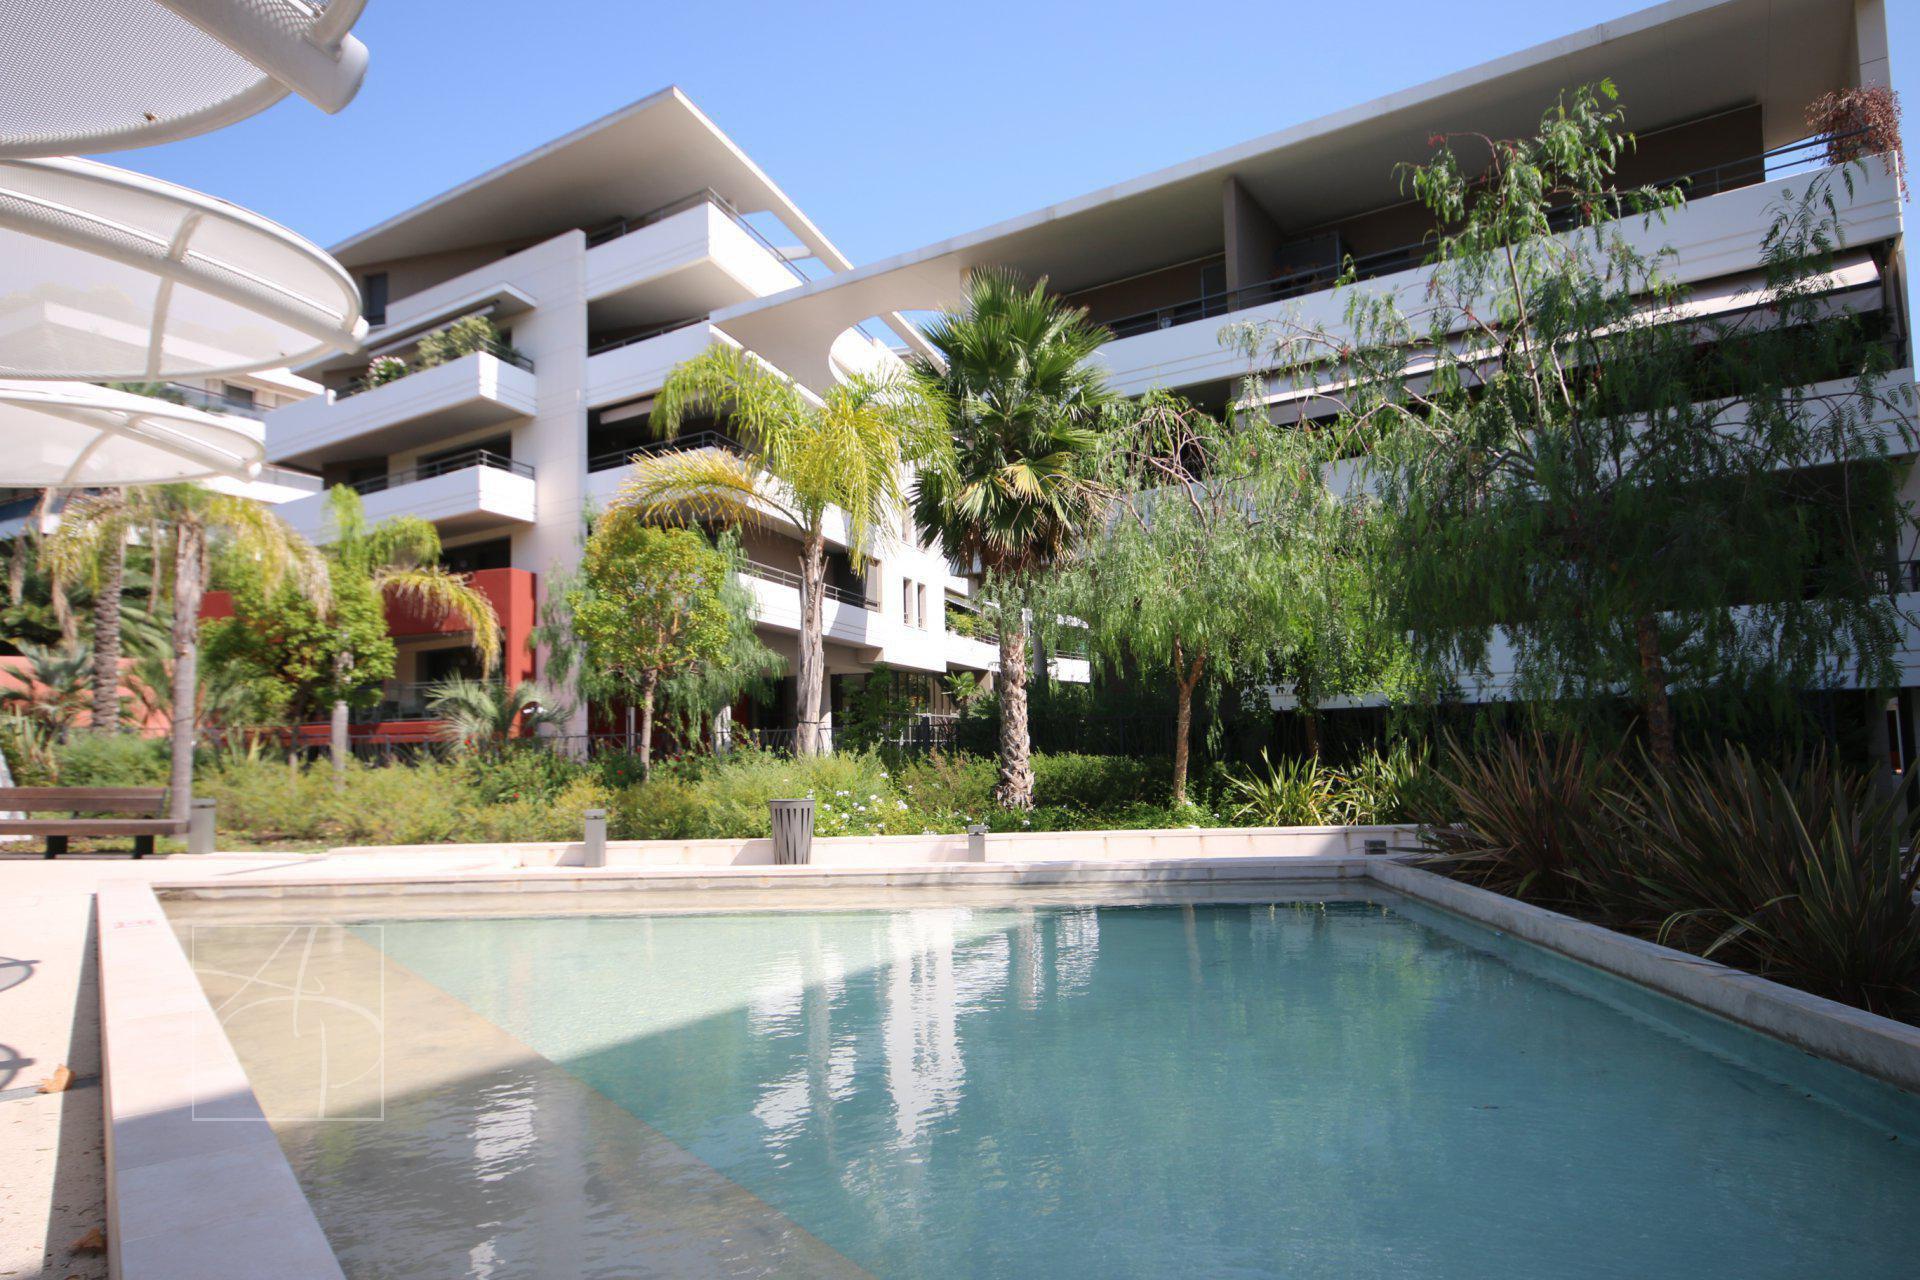 Vendu Par Azur Paradise Immobilier dedans Piscine Montfleury